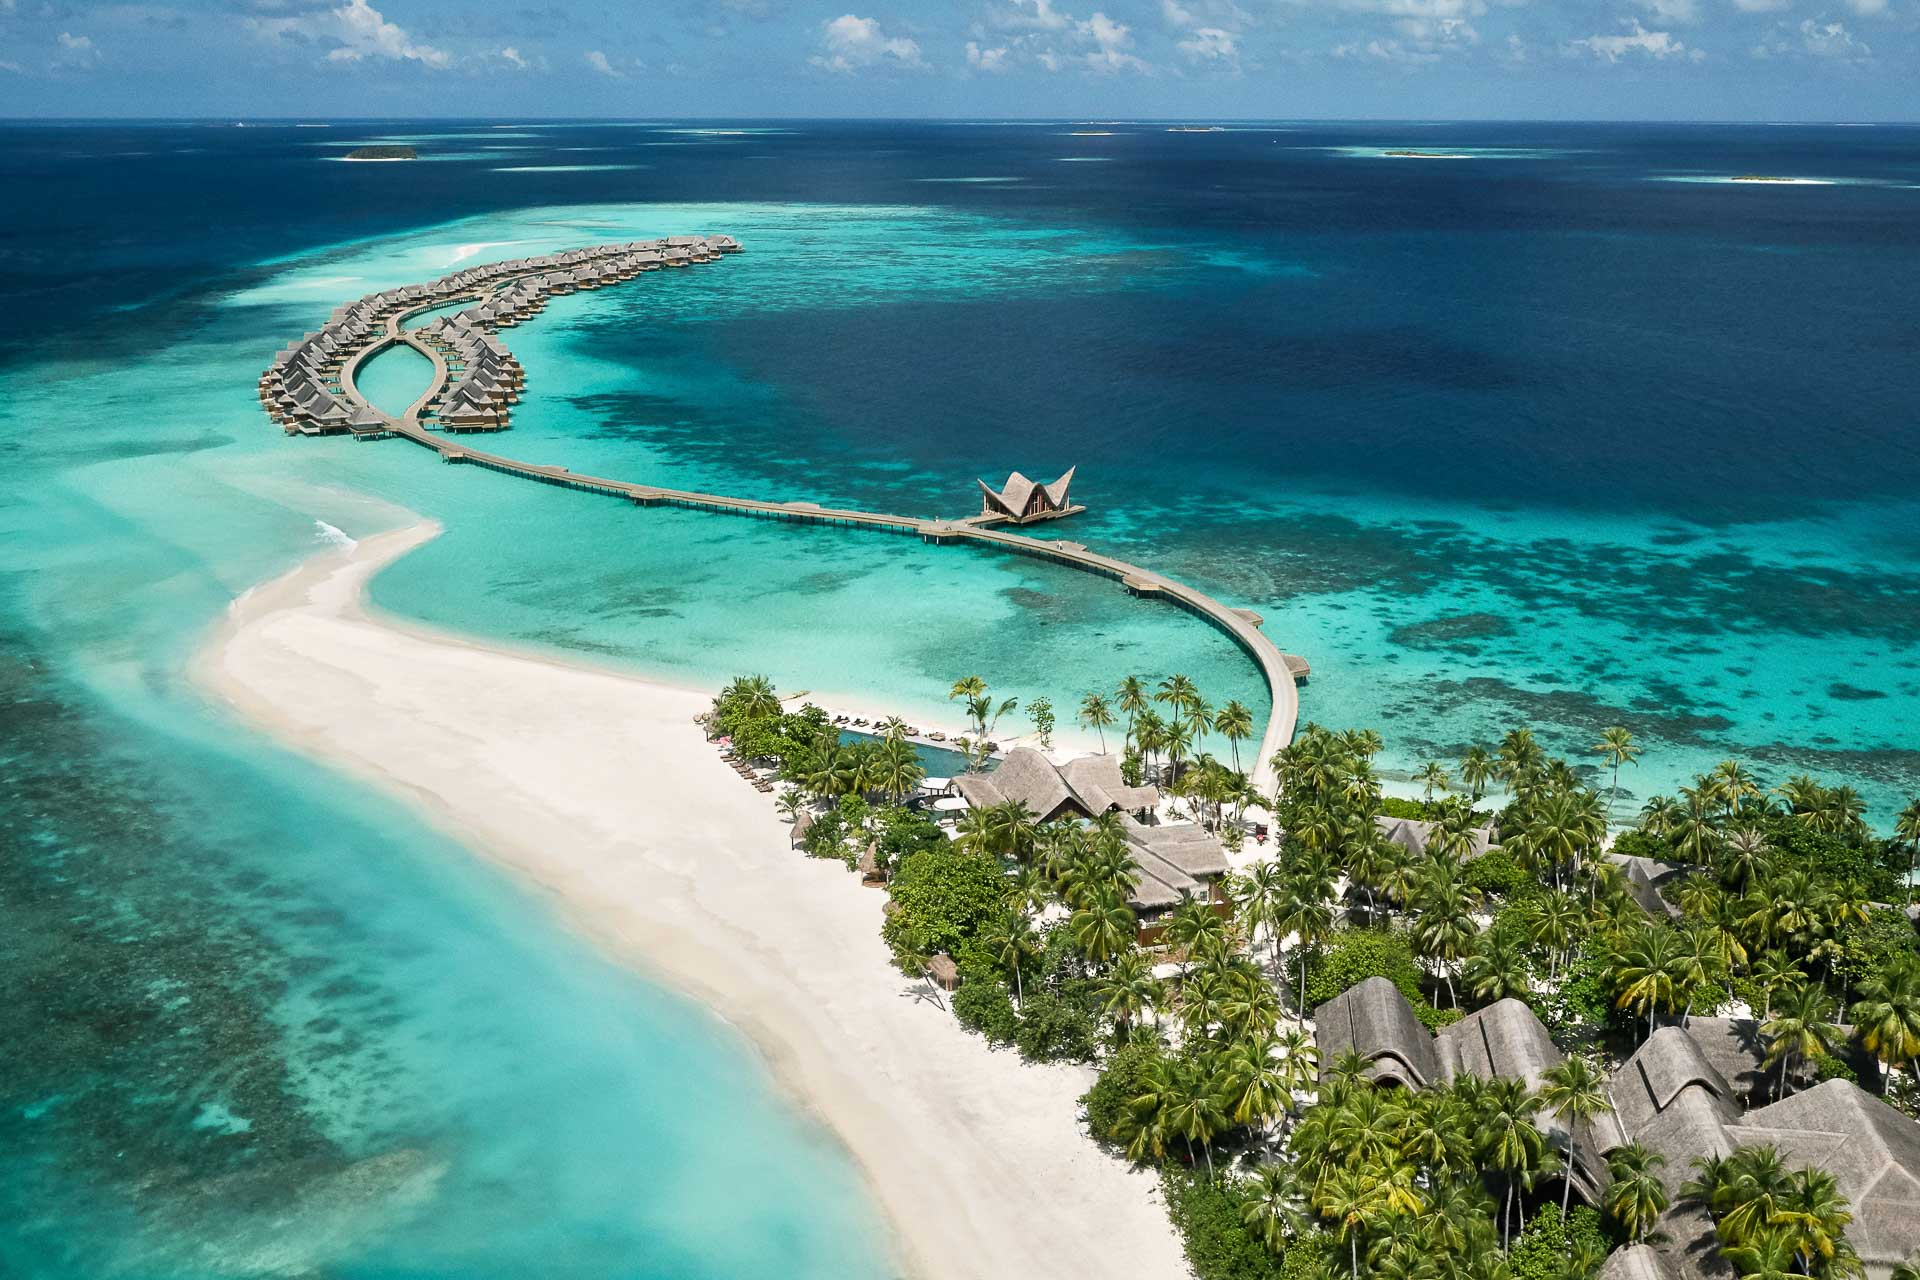 À contre-courant de la vague minimaliste qui frappe le monde de l'hospitalité, le JOALI Maldives fait le pari d'une base solide : cadre paradisiaque, villas démesurées, restaurants de haute volée et touches arty. Un nouveau venu dans le monde de l'hôtellerie qui joue déjà dans la cours des grands.